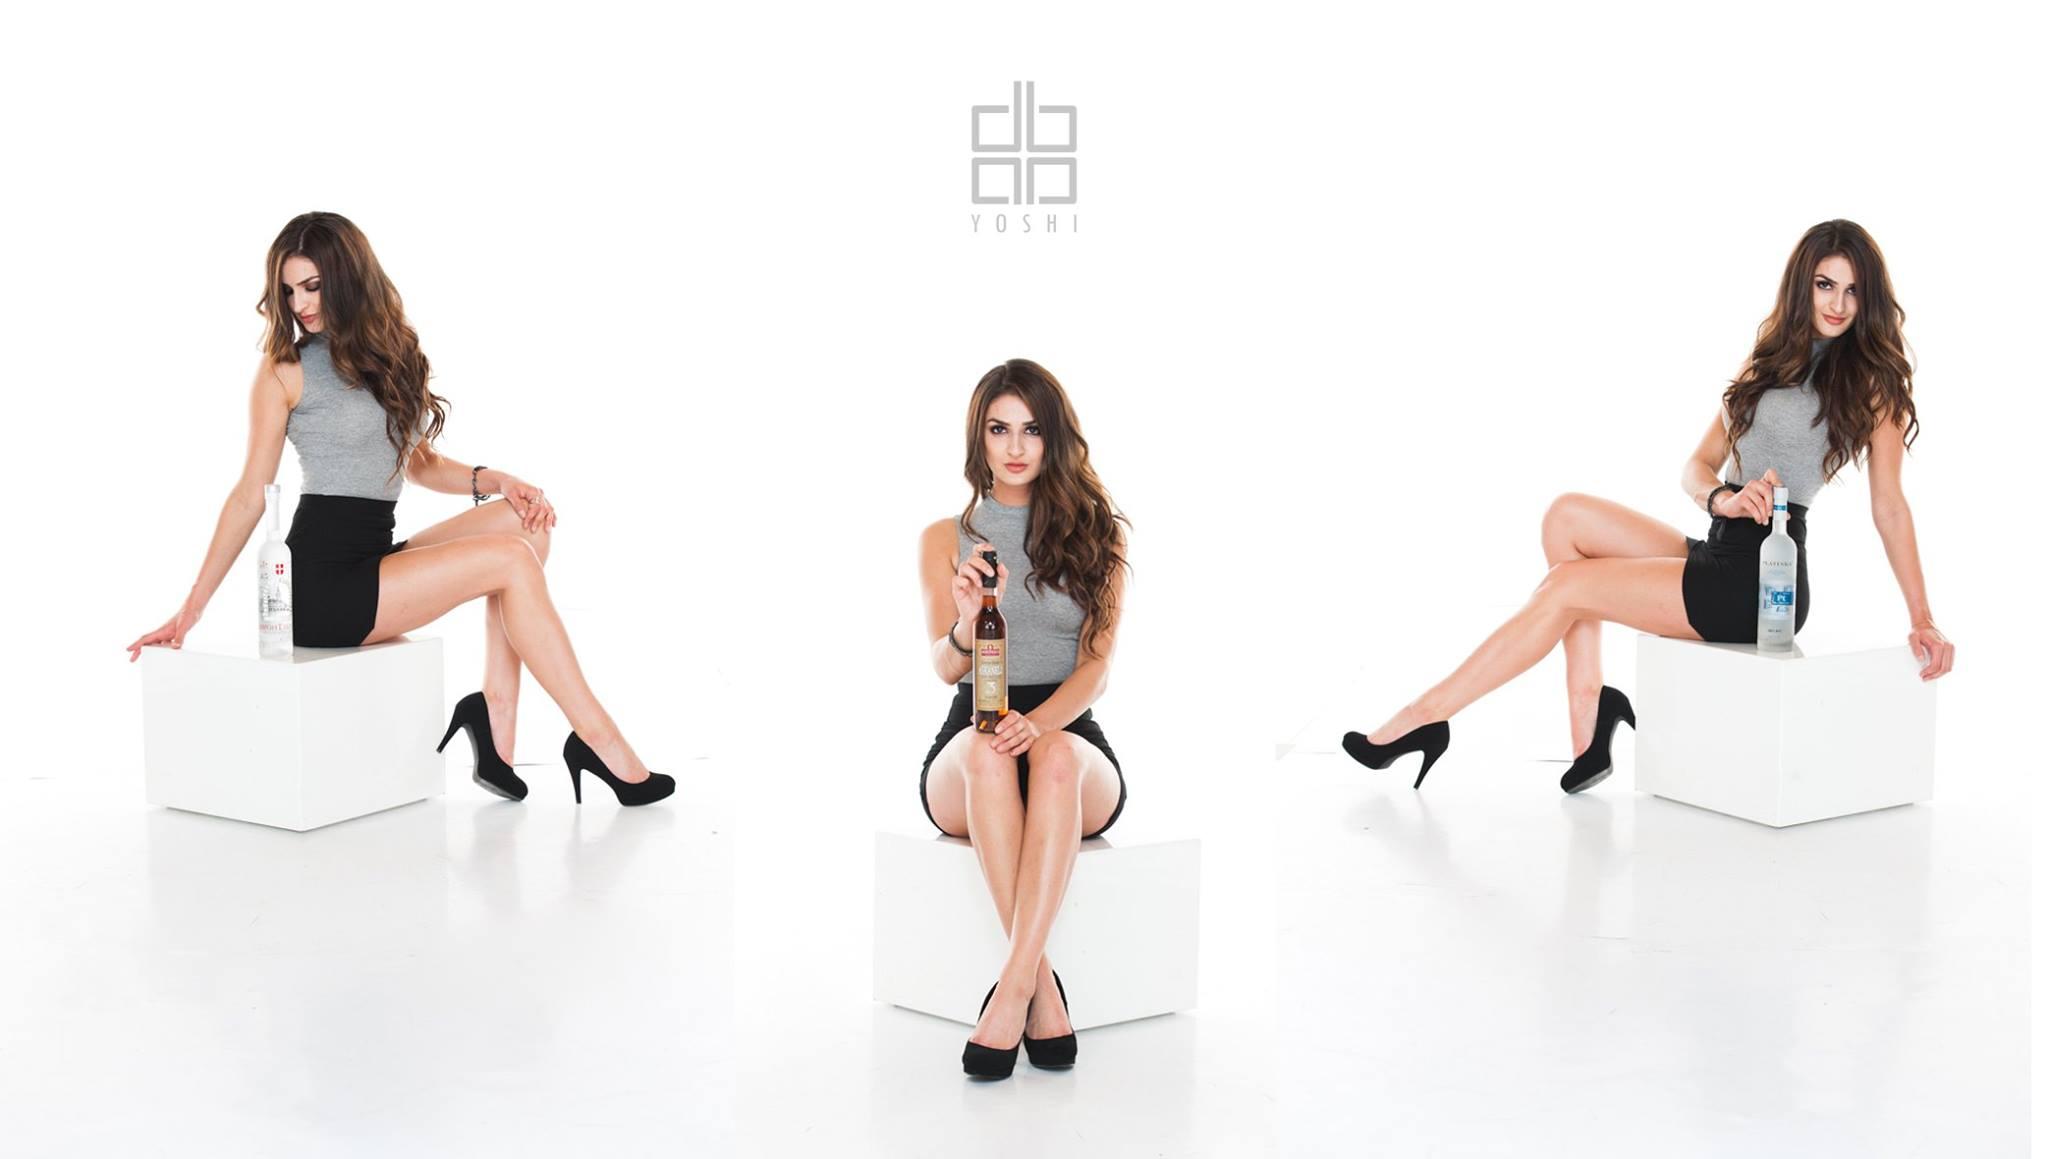 Model: Angelina